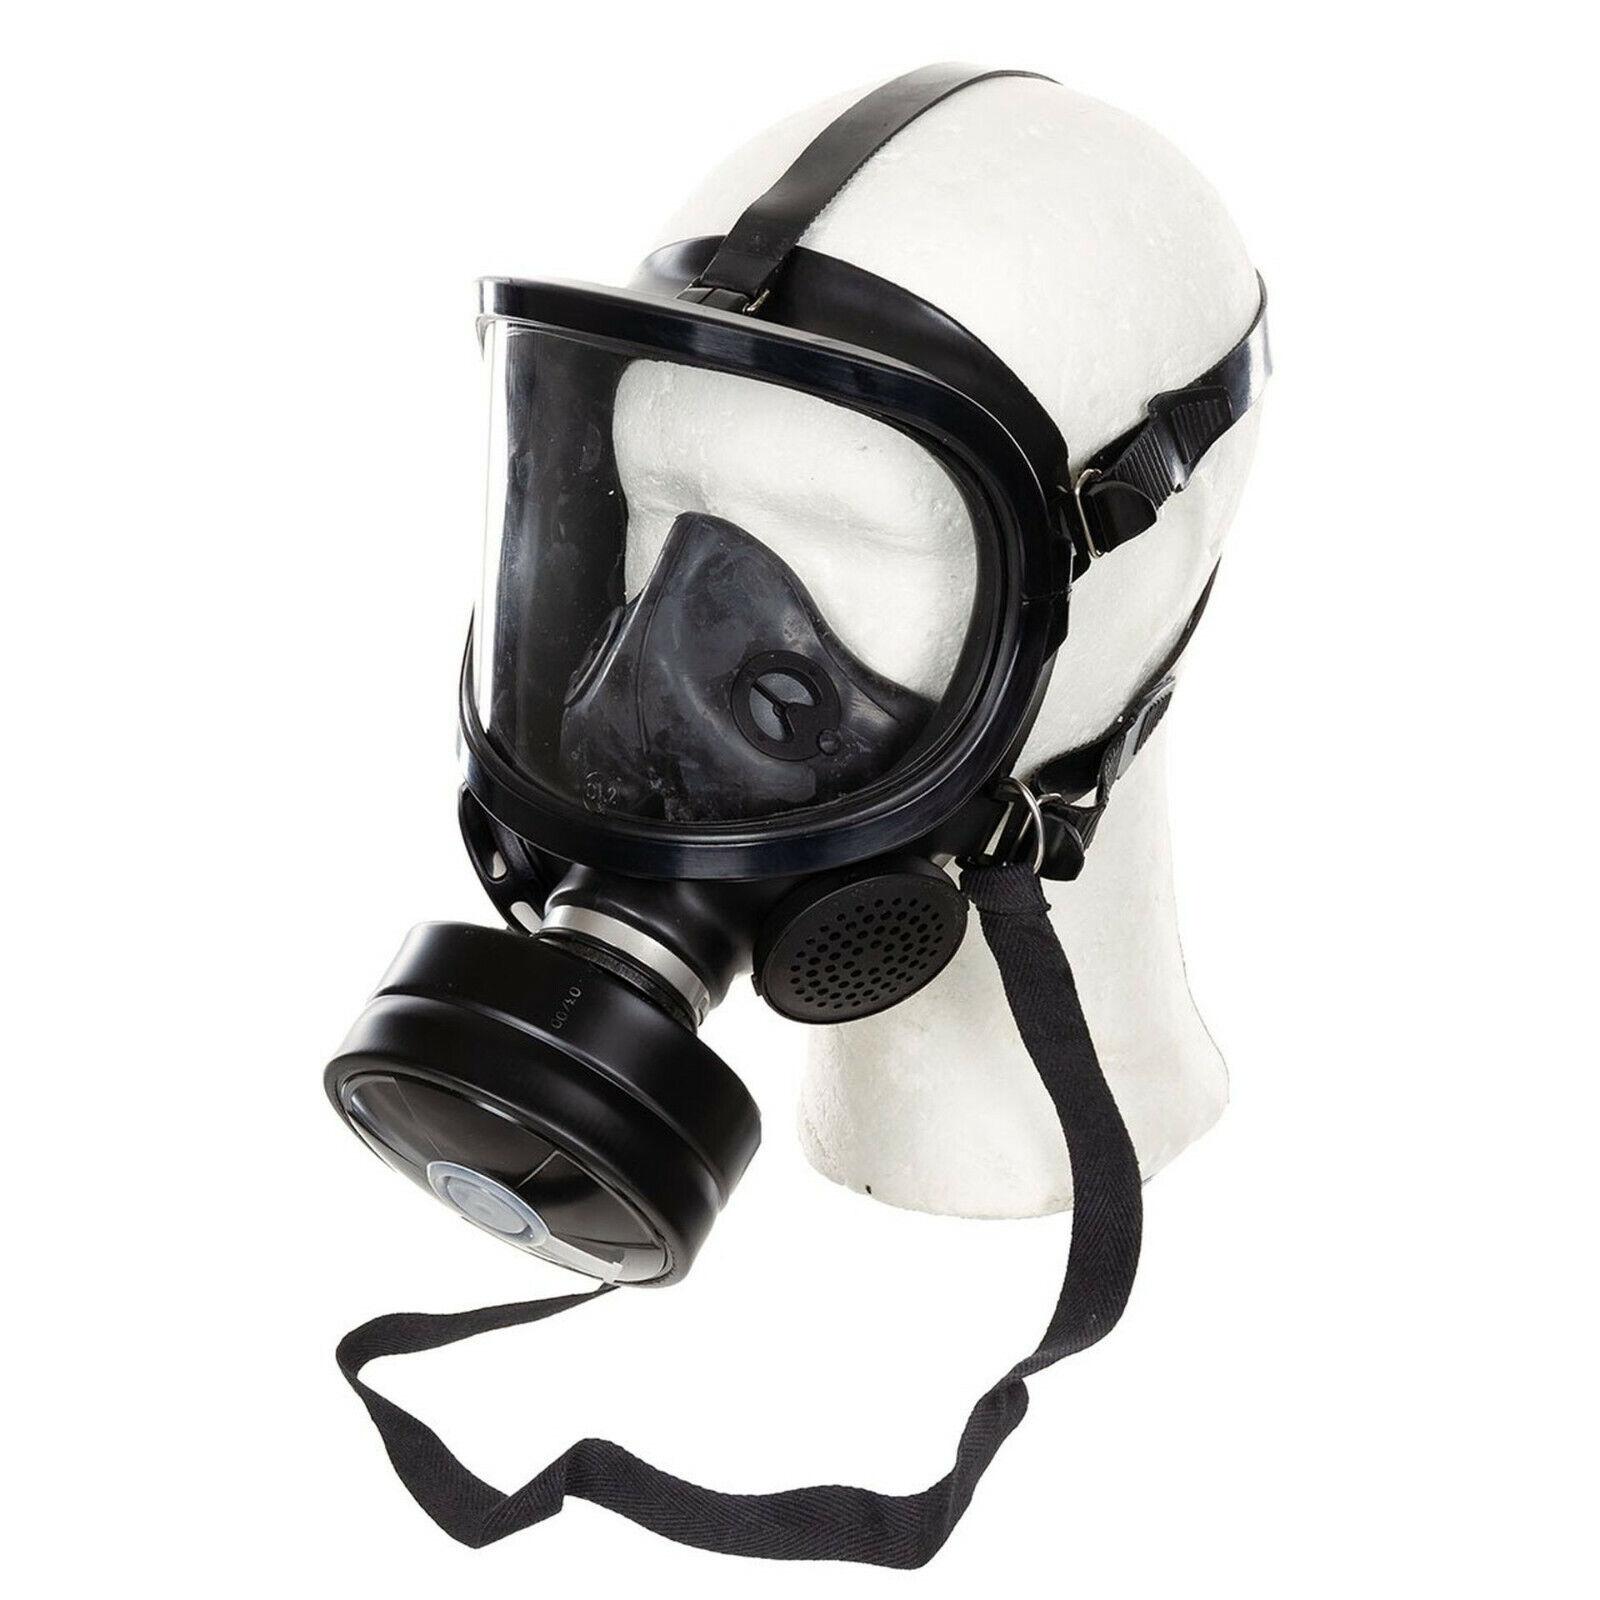 Armee Atemschutz ABC Gasmaske Schutzmaske FERNEZ neuw. Filter Vollgesichtsmaske